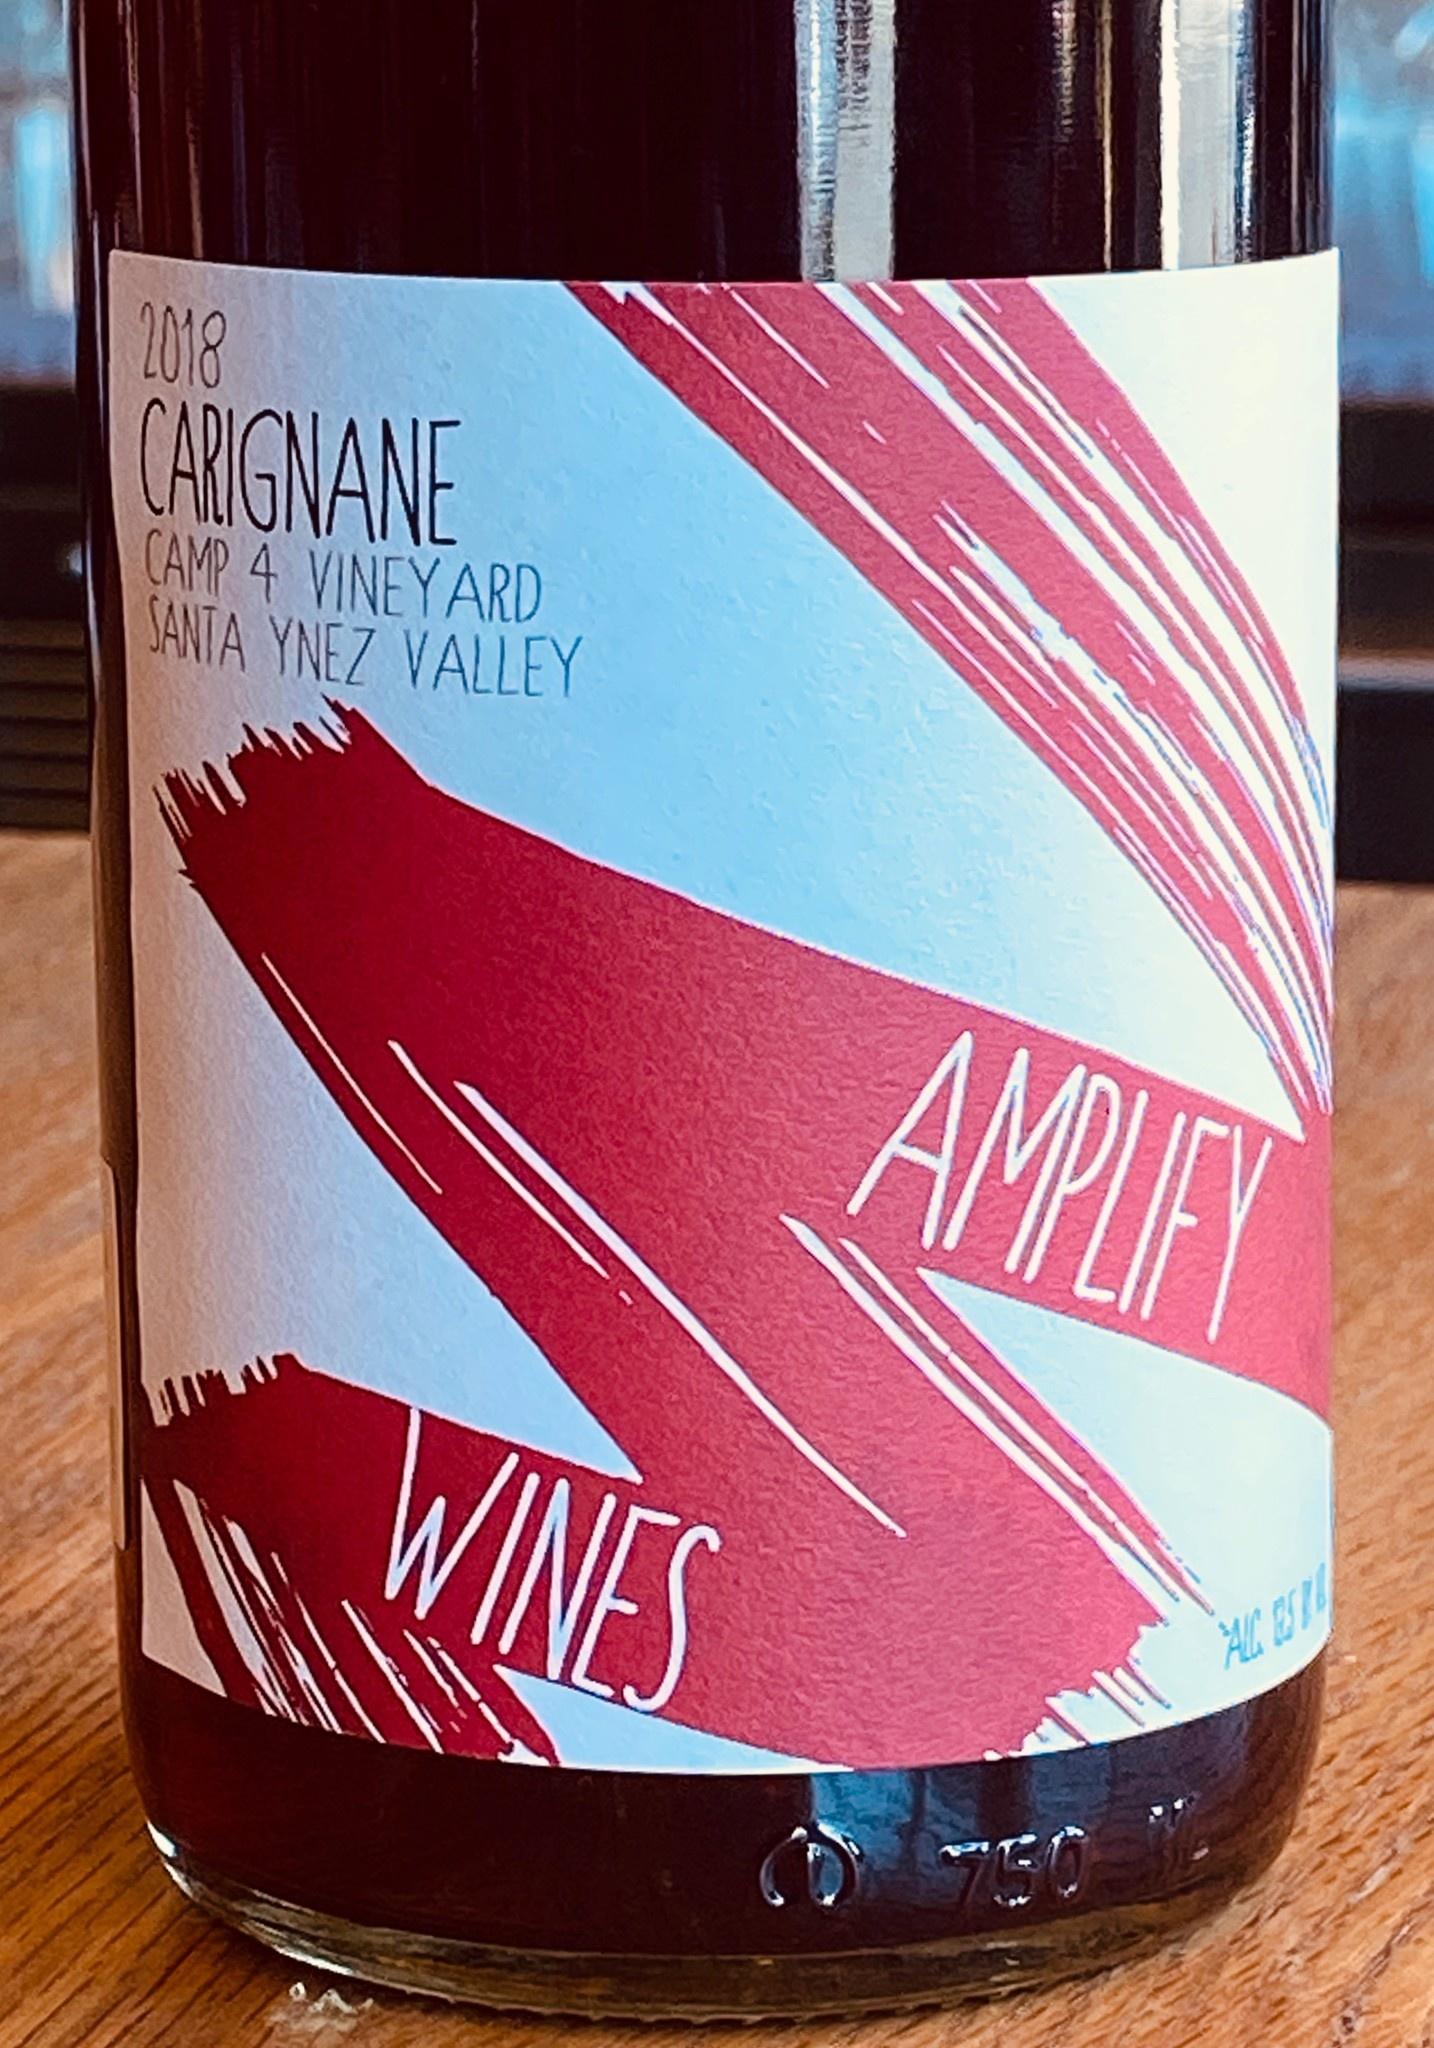 Amplify 2018 Amplify Carignane Camp 4 Vineyard 750ml